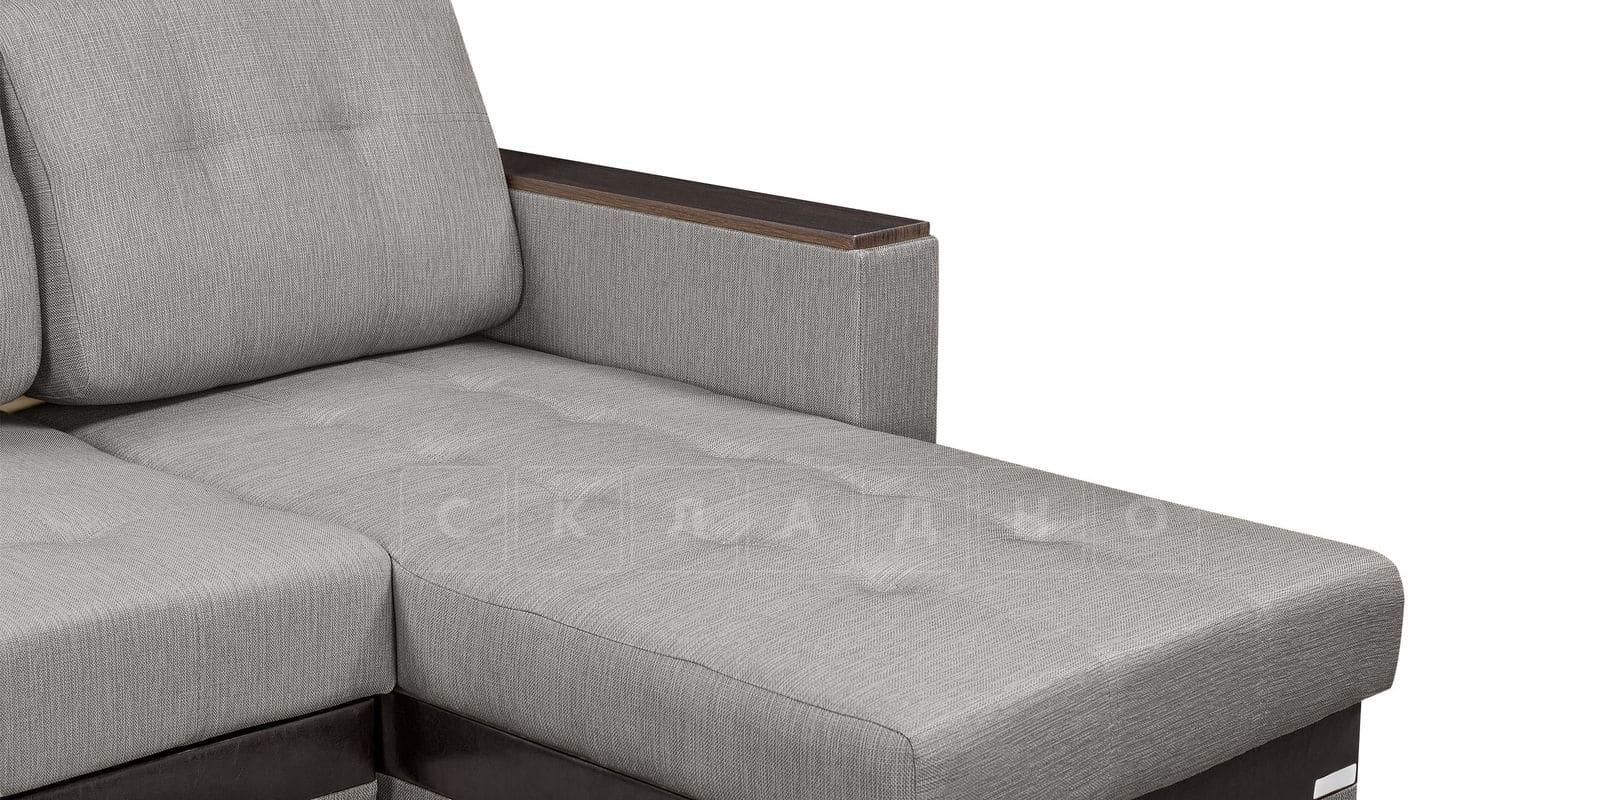 Угловой диван Атланта рогожка серого цвета фото 8 | интернет-магазин Складно